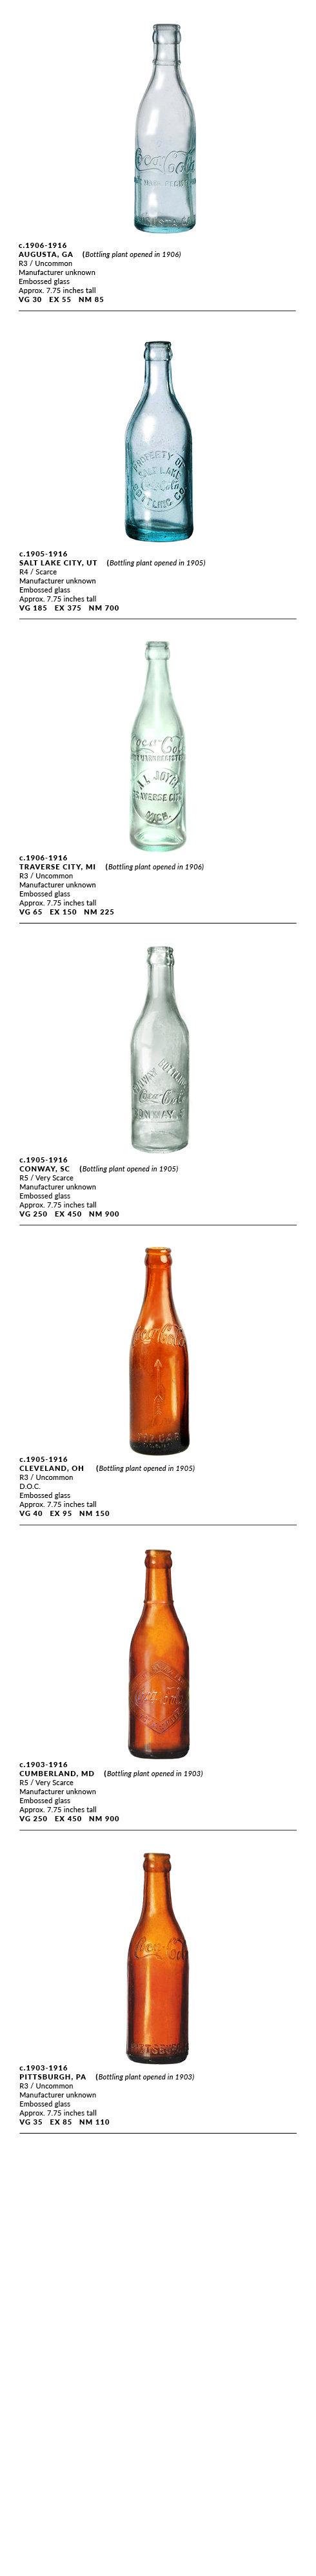 Bottles (2021)3.jpg